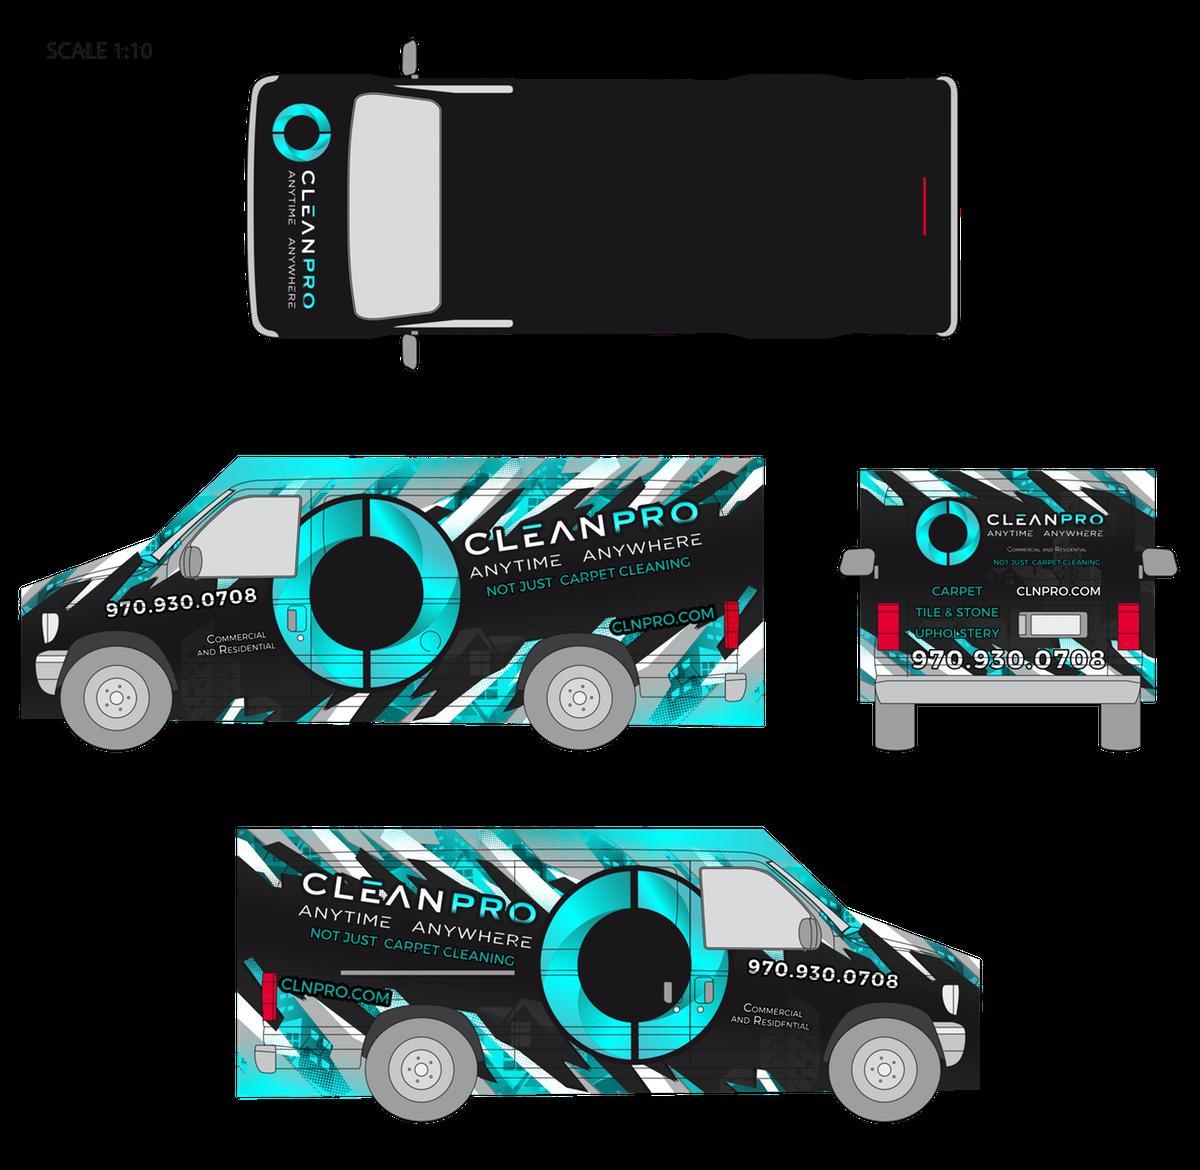 CleanPRO Cargo Van Wrap